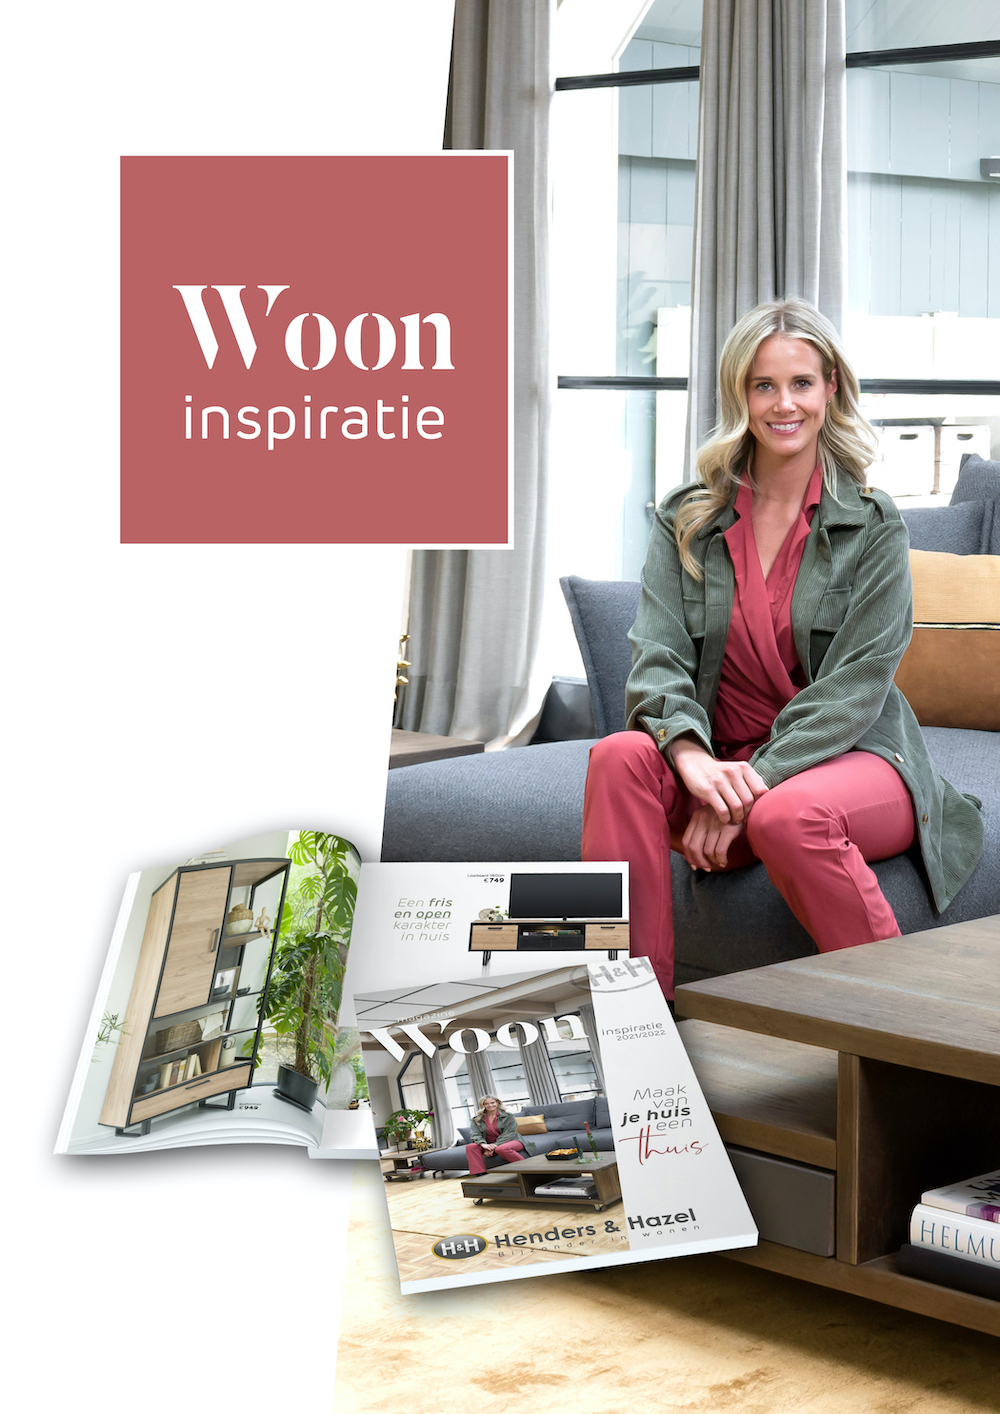 Woon inspiratie magazine Henders & Hazel